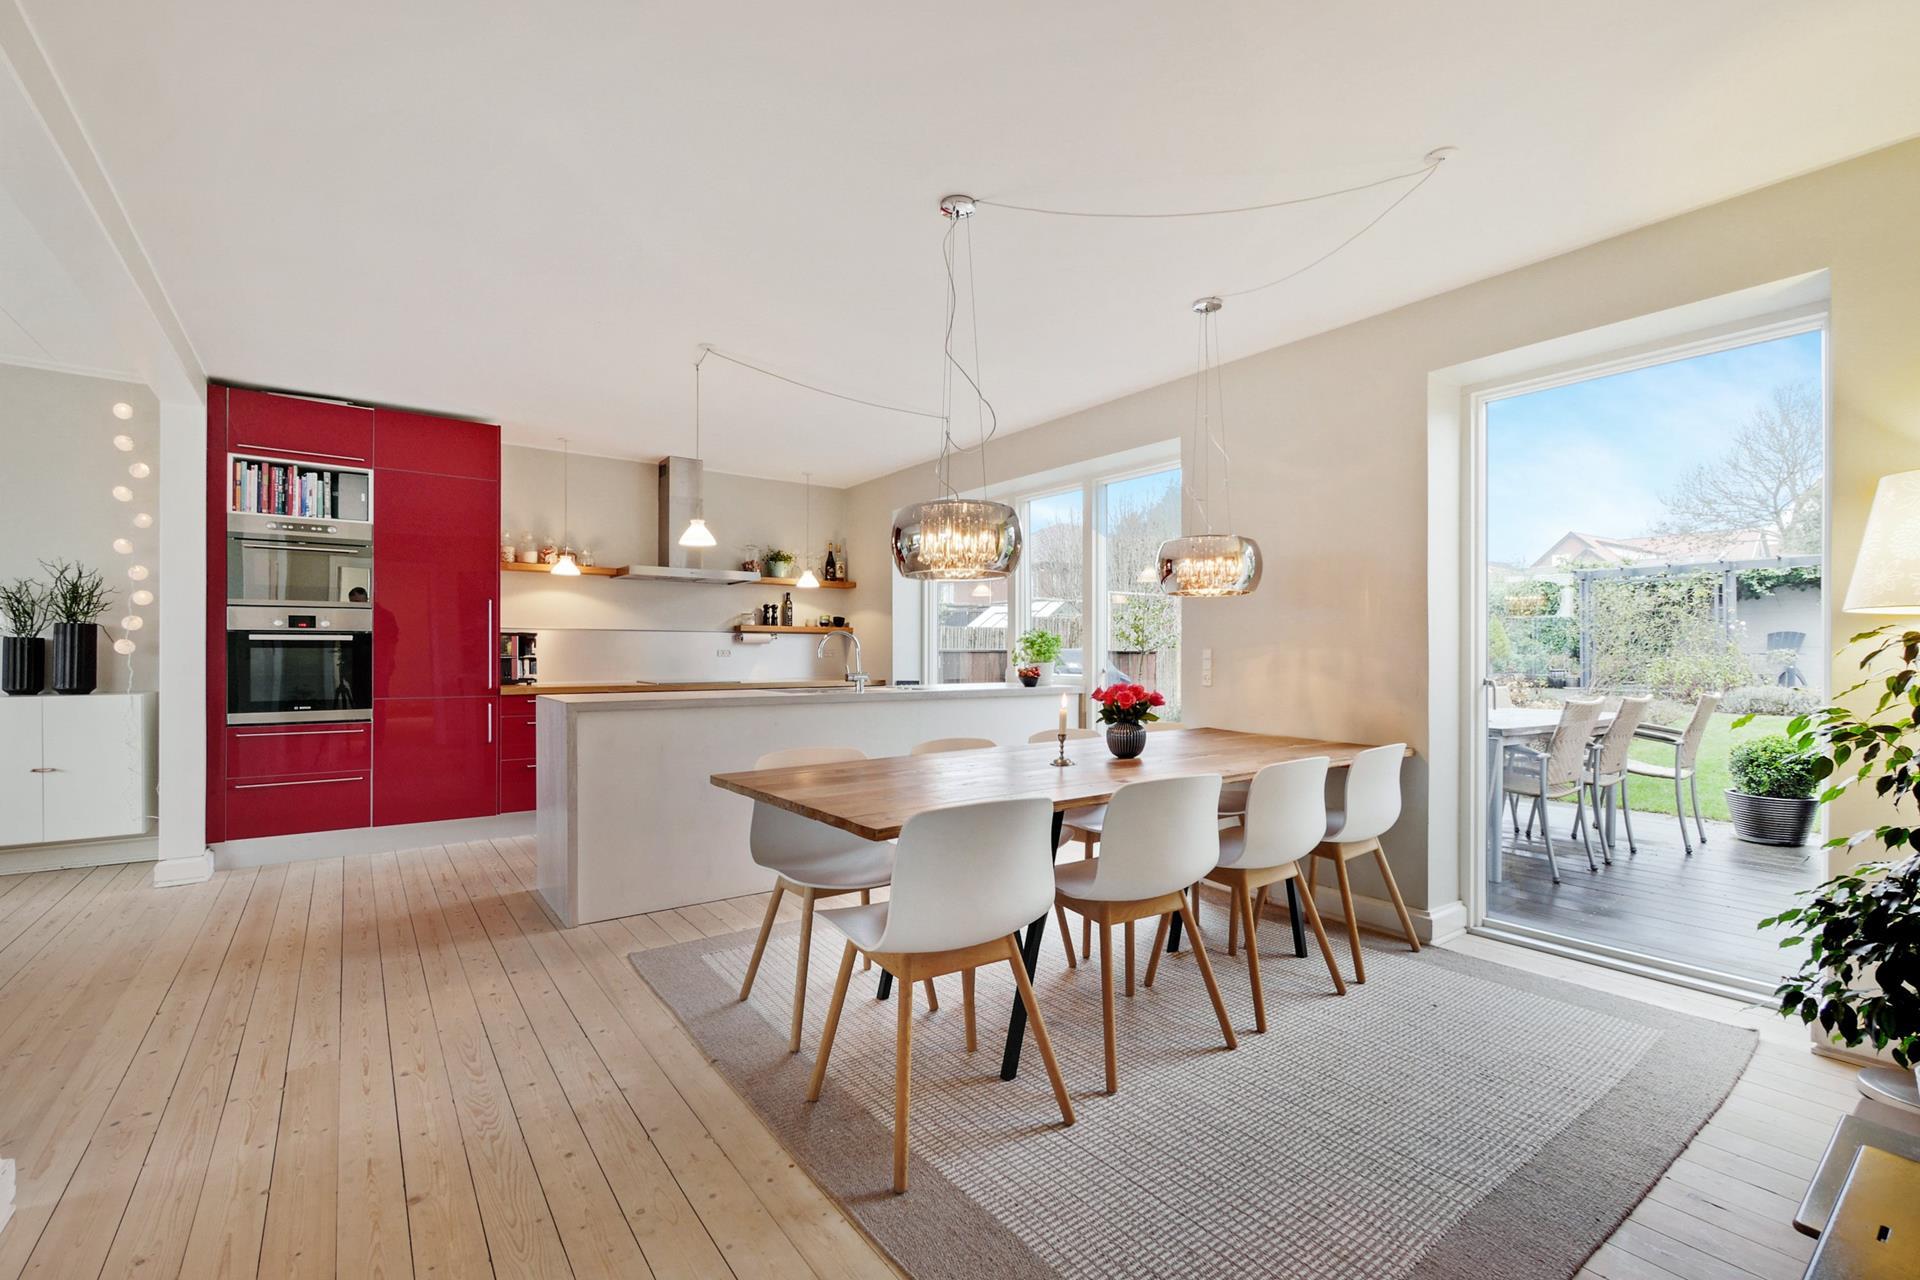 Casa danesa real aunque cueste creer blog tienda for Decoracion salon estilo nordico